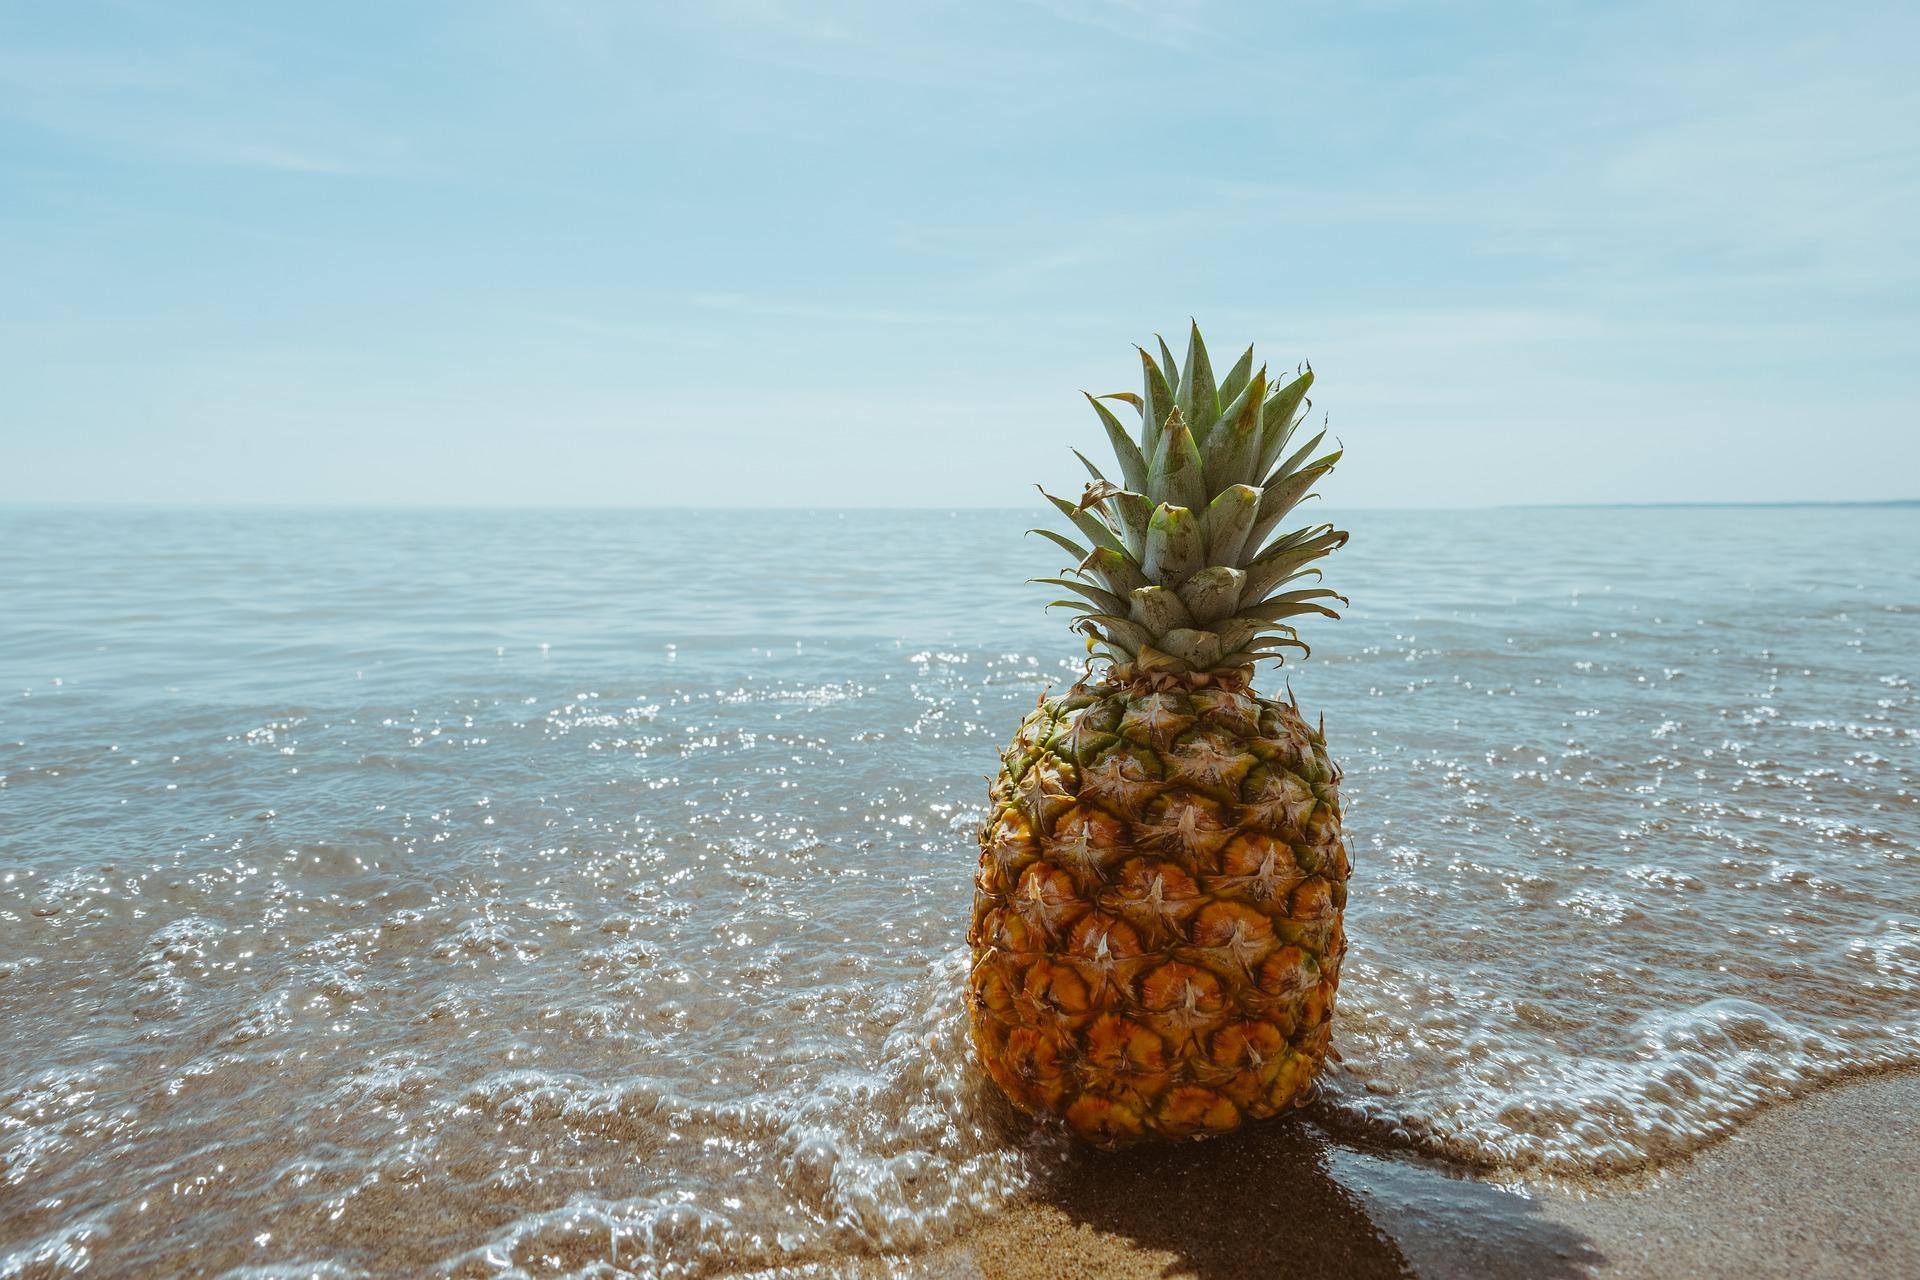 海のパイナップル「ホヤ(海鞘)」が好き!食べたい!どんな味?名産地や栄養は?